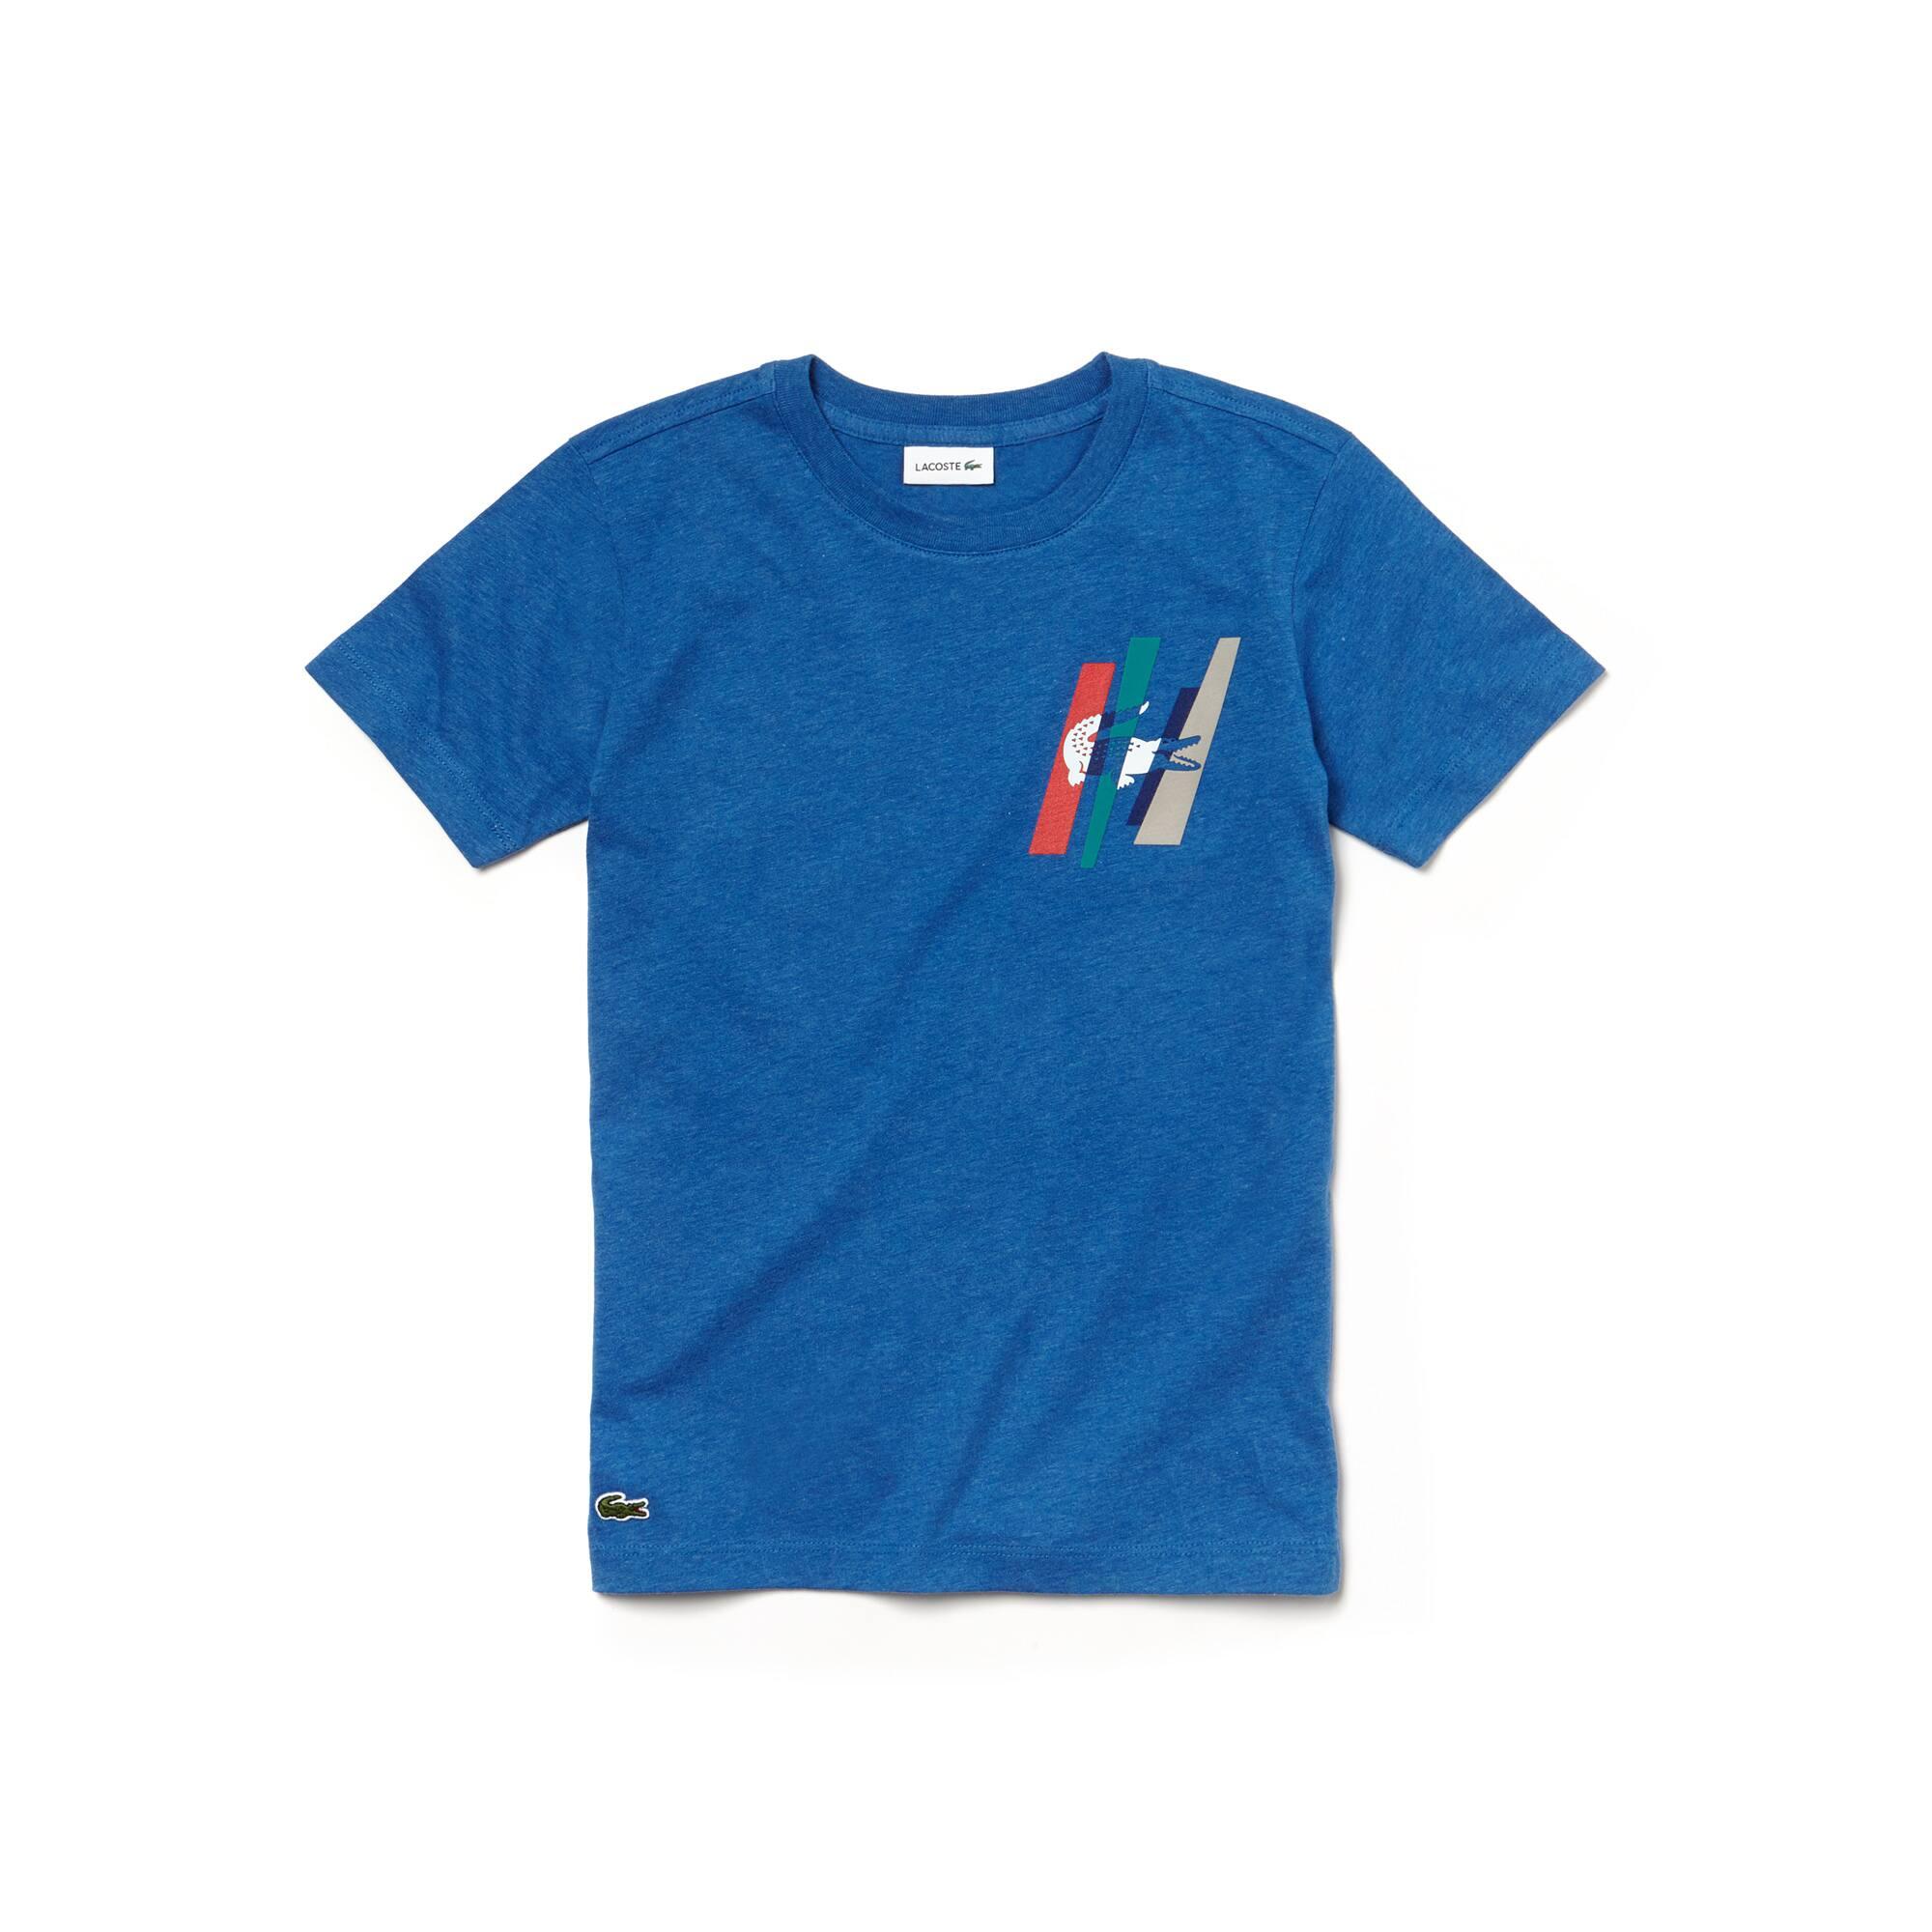 T-shirt Menino decote redondo em jersey unicolor com marcação